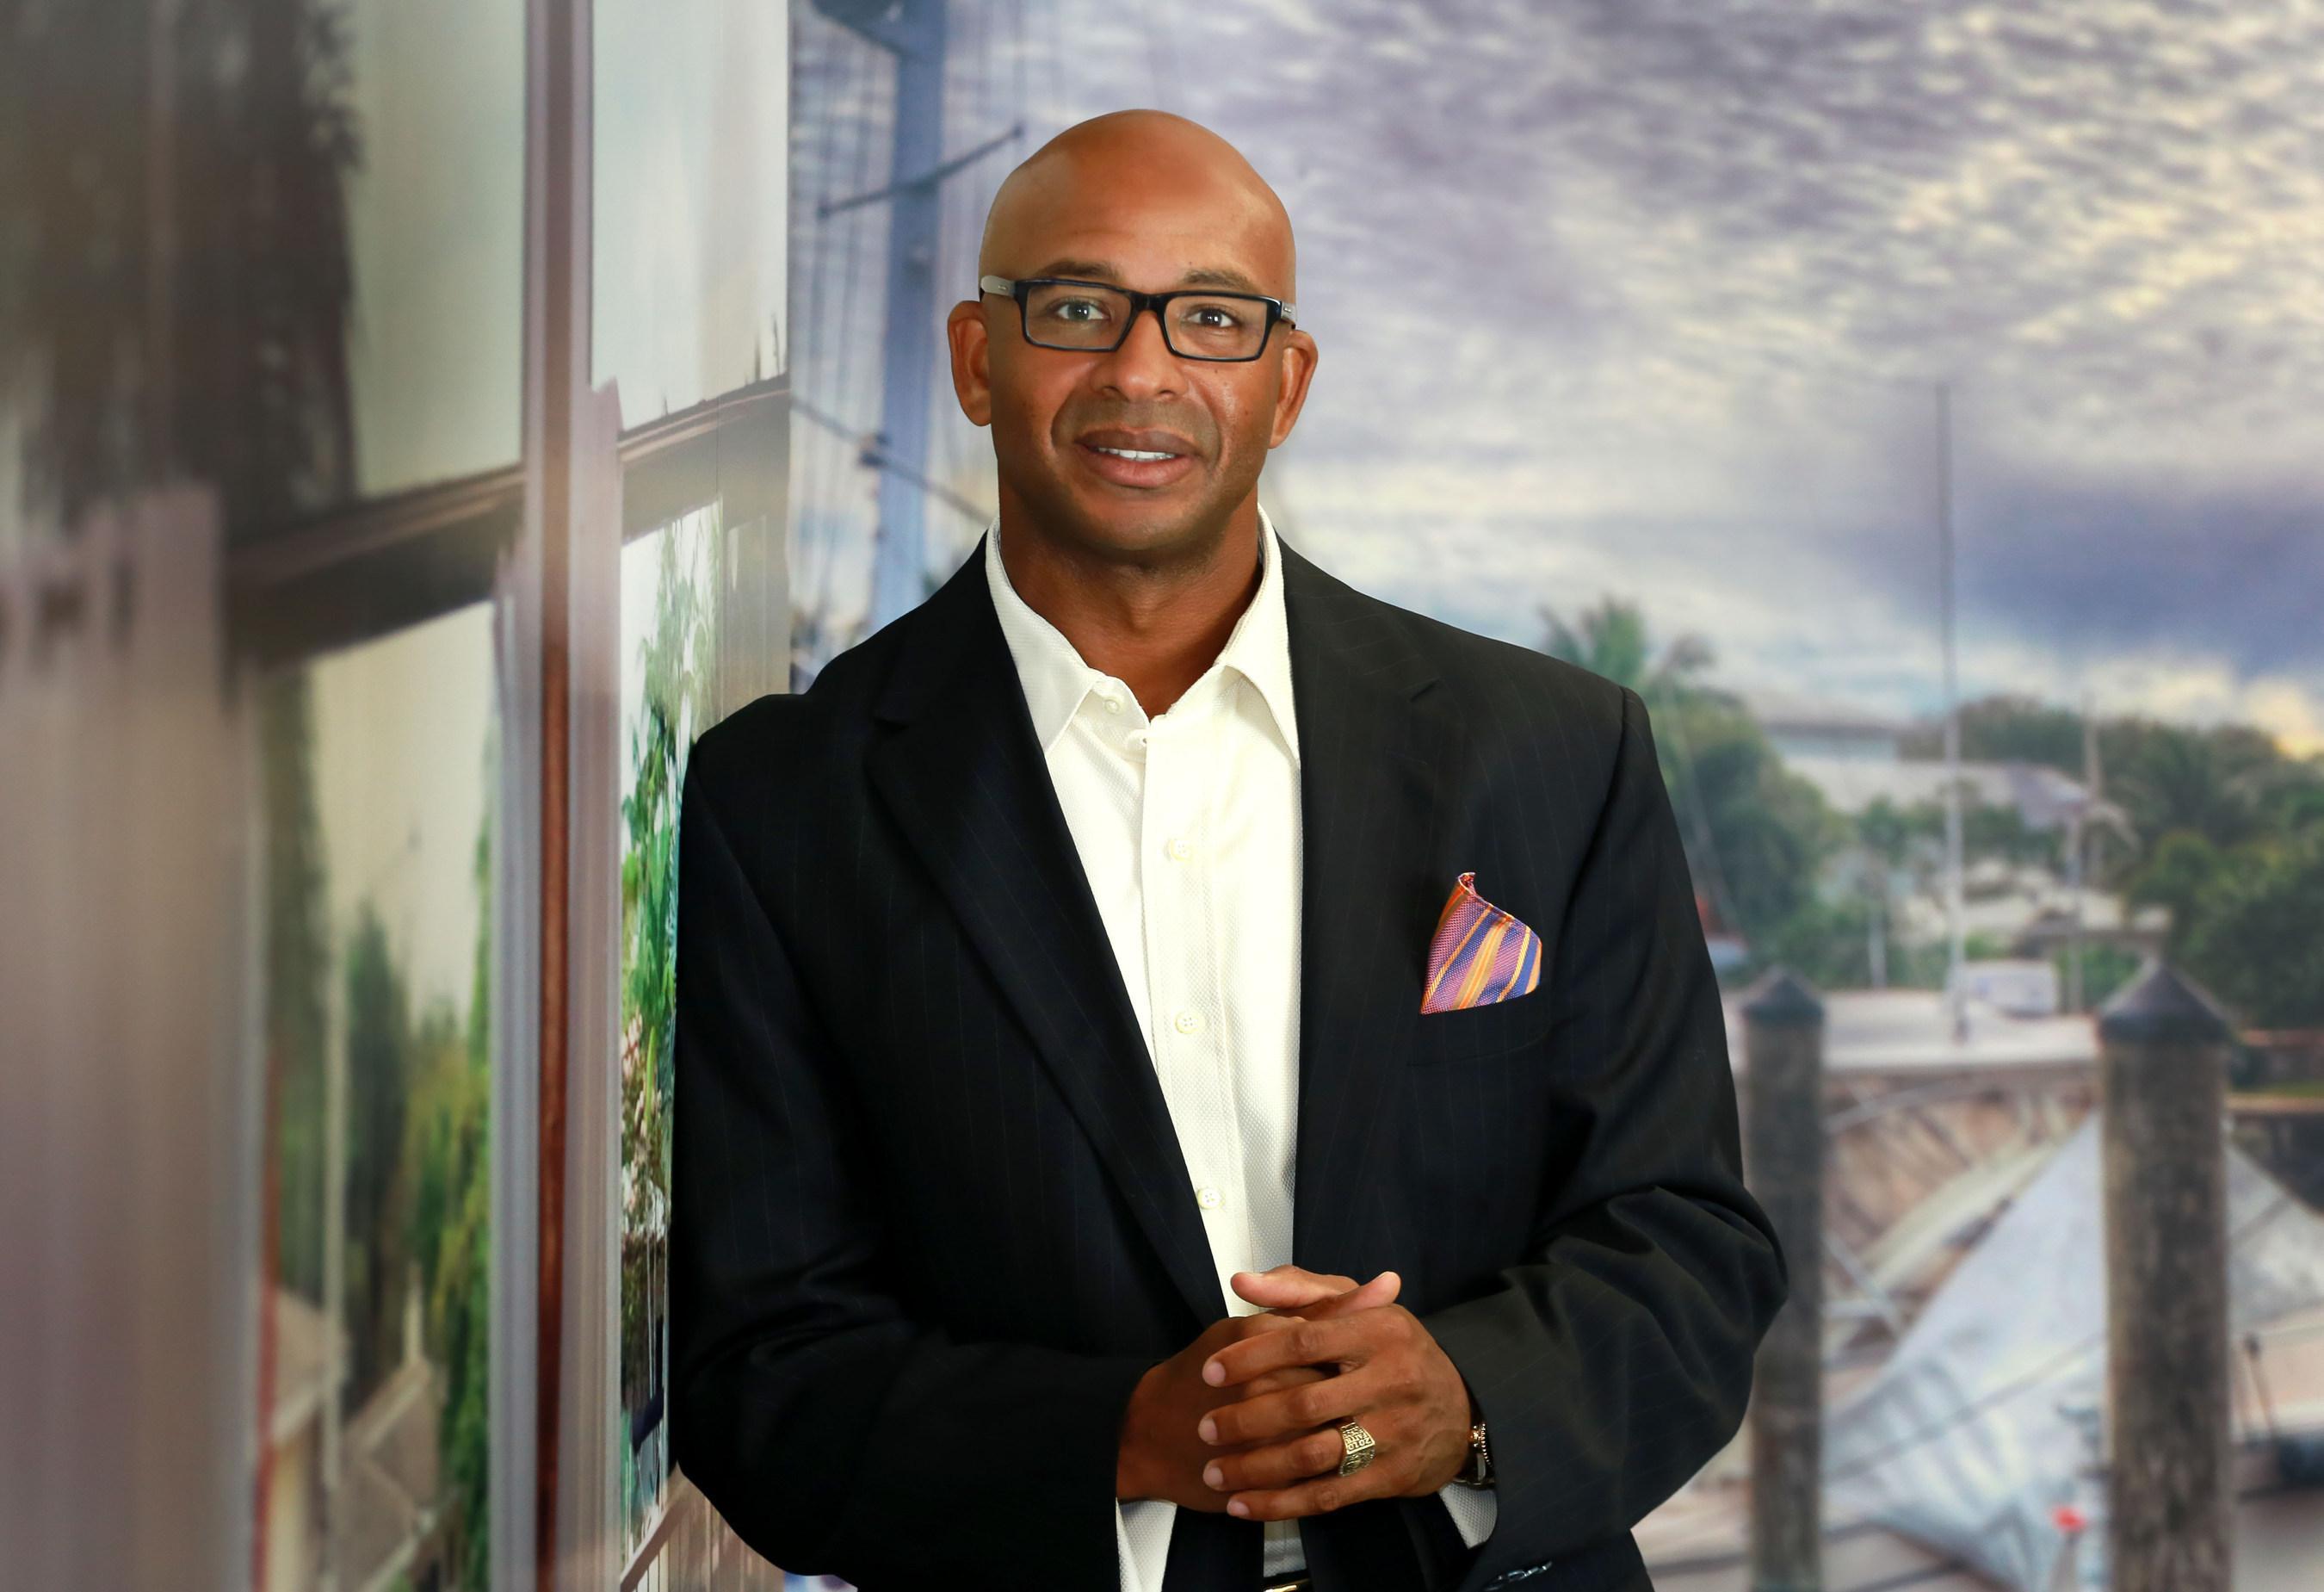 Pilgram Group Receives 2015 Entrepreneurial Award from Greater Fort Lauderdale Chamber of Commerce